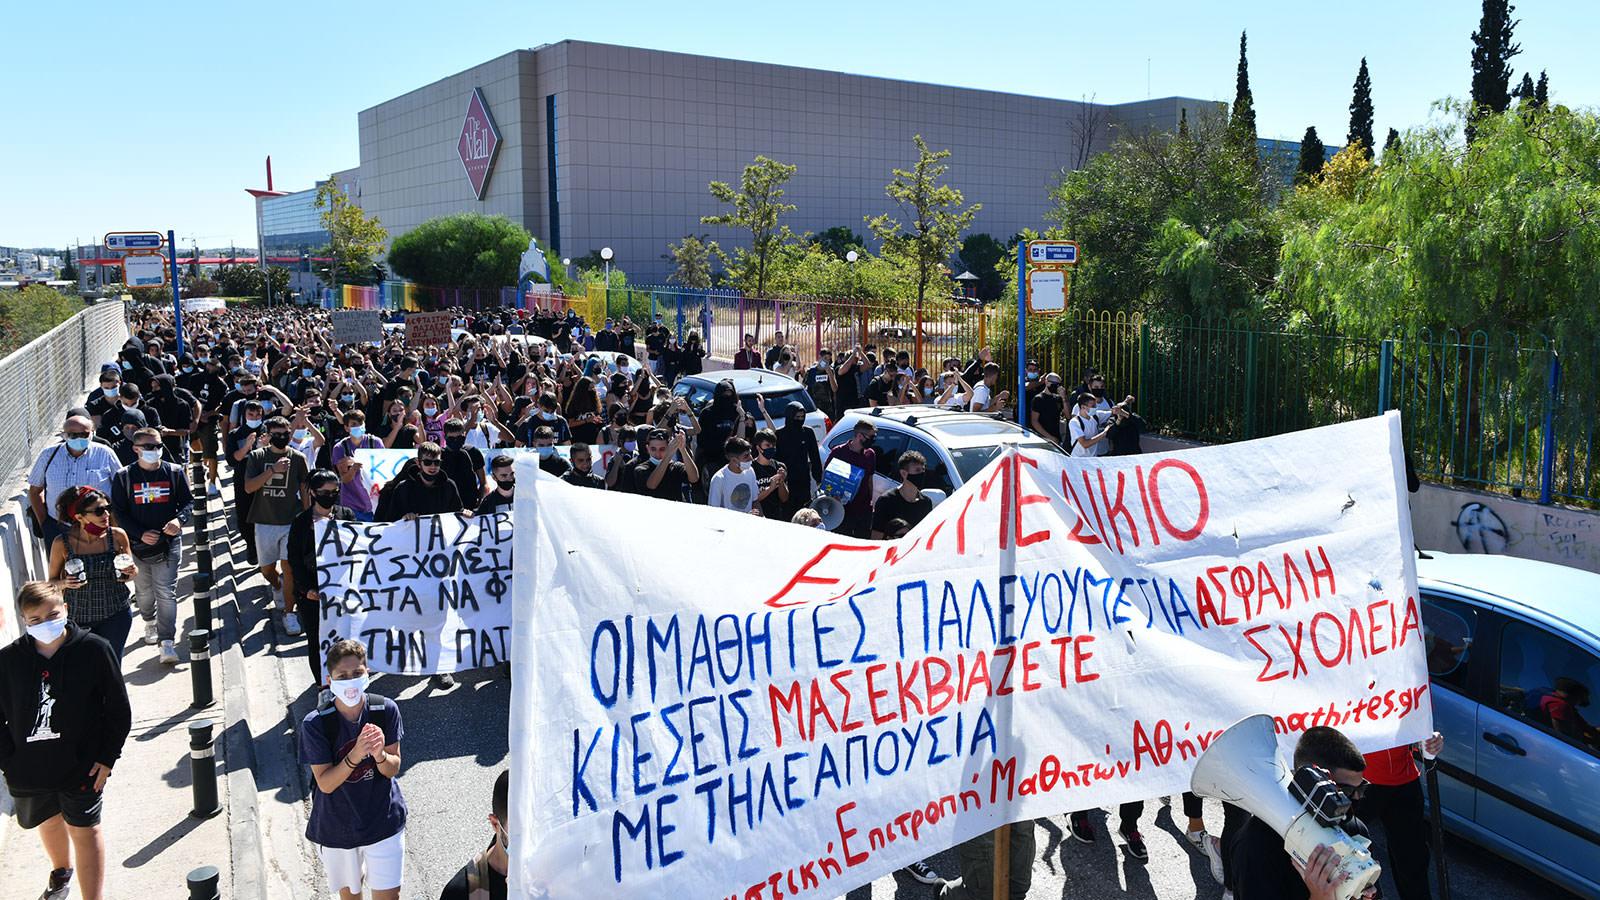 μαθητική διαδήλωση Μαρούσι υπουργείο παιδείας 9 Οκτωβρίου 2020